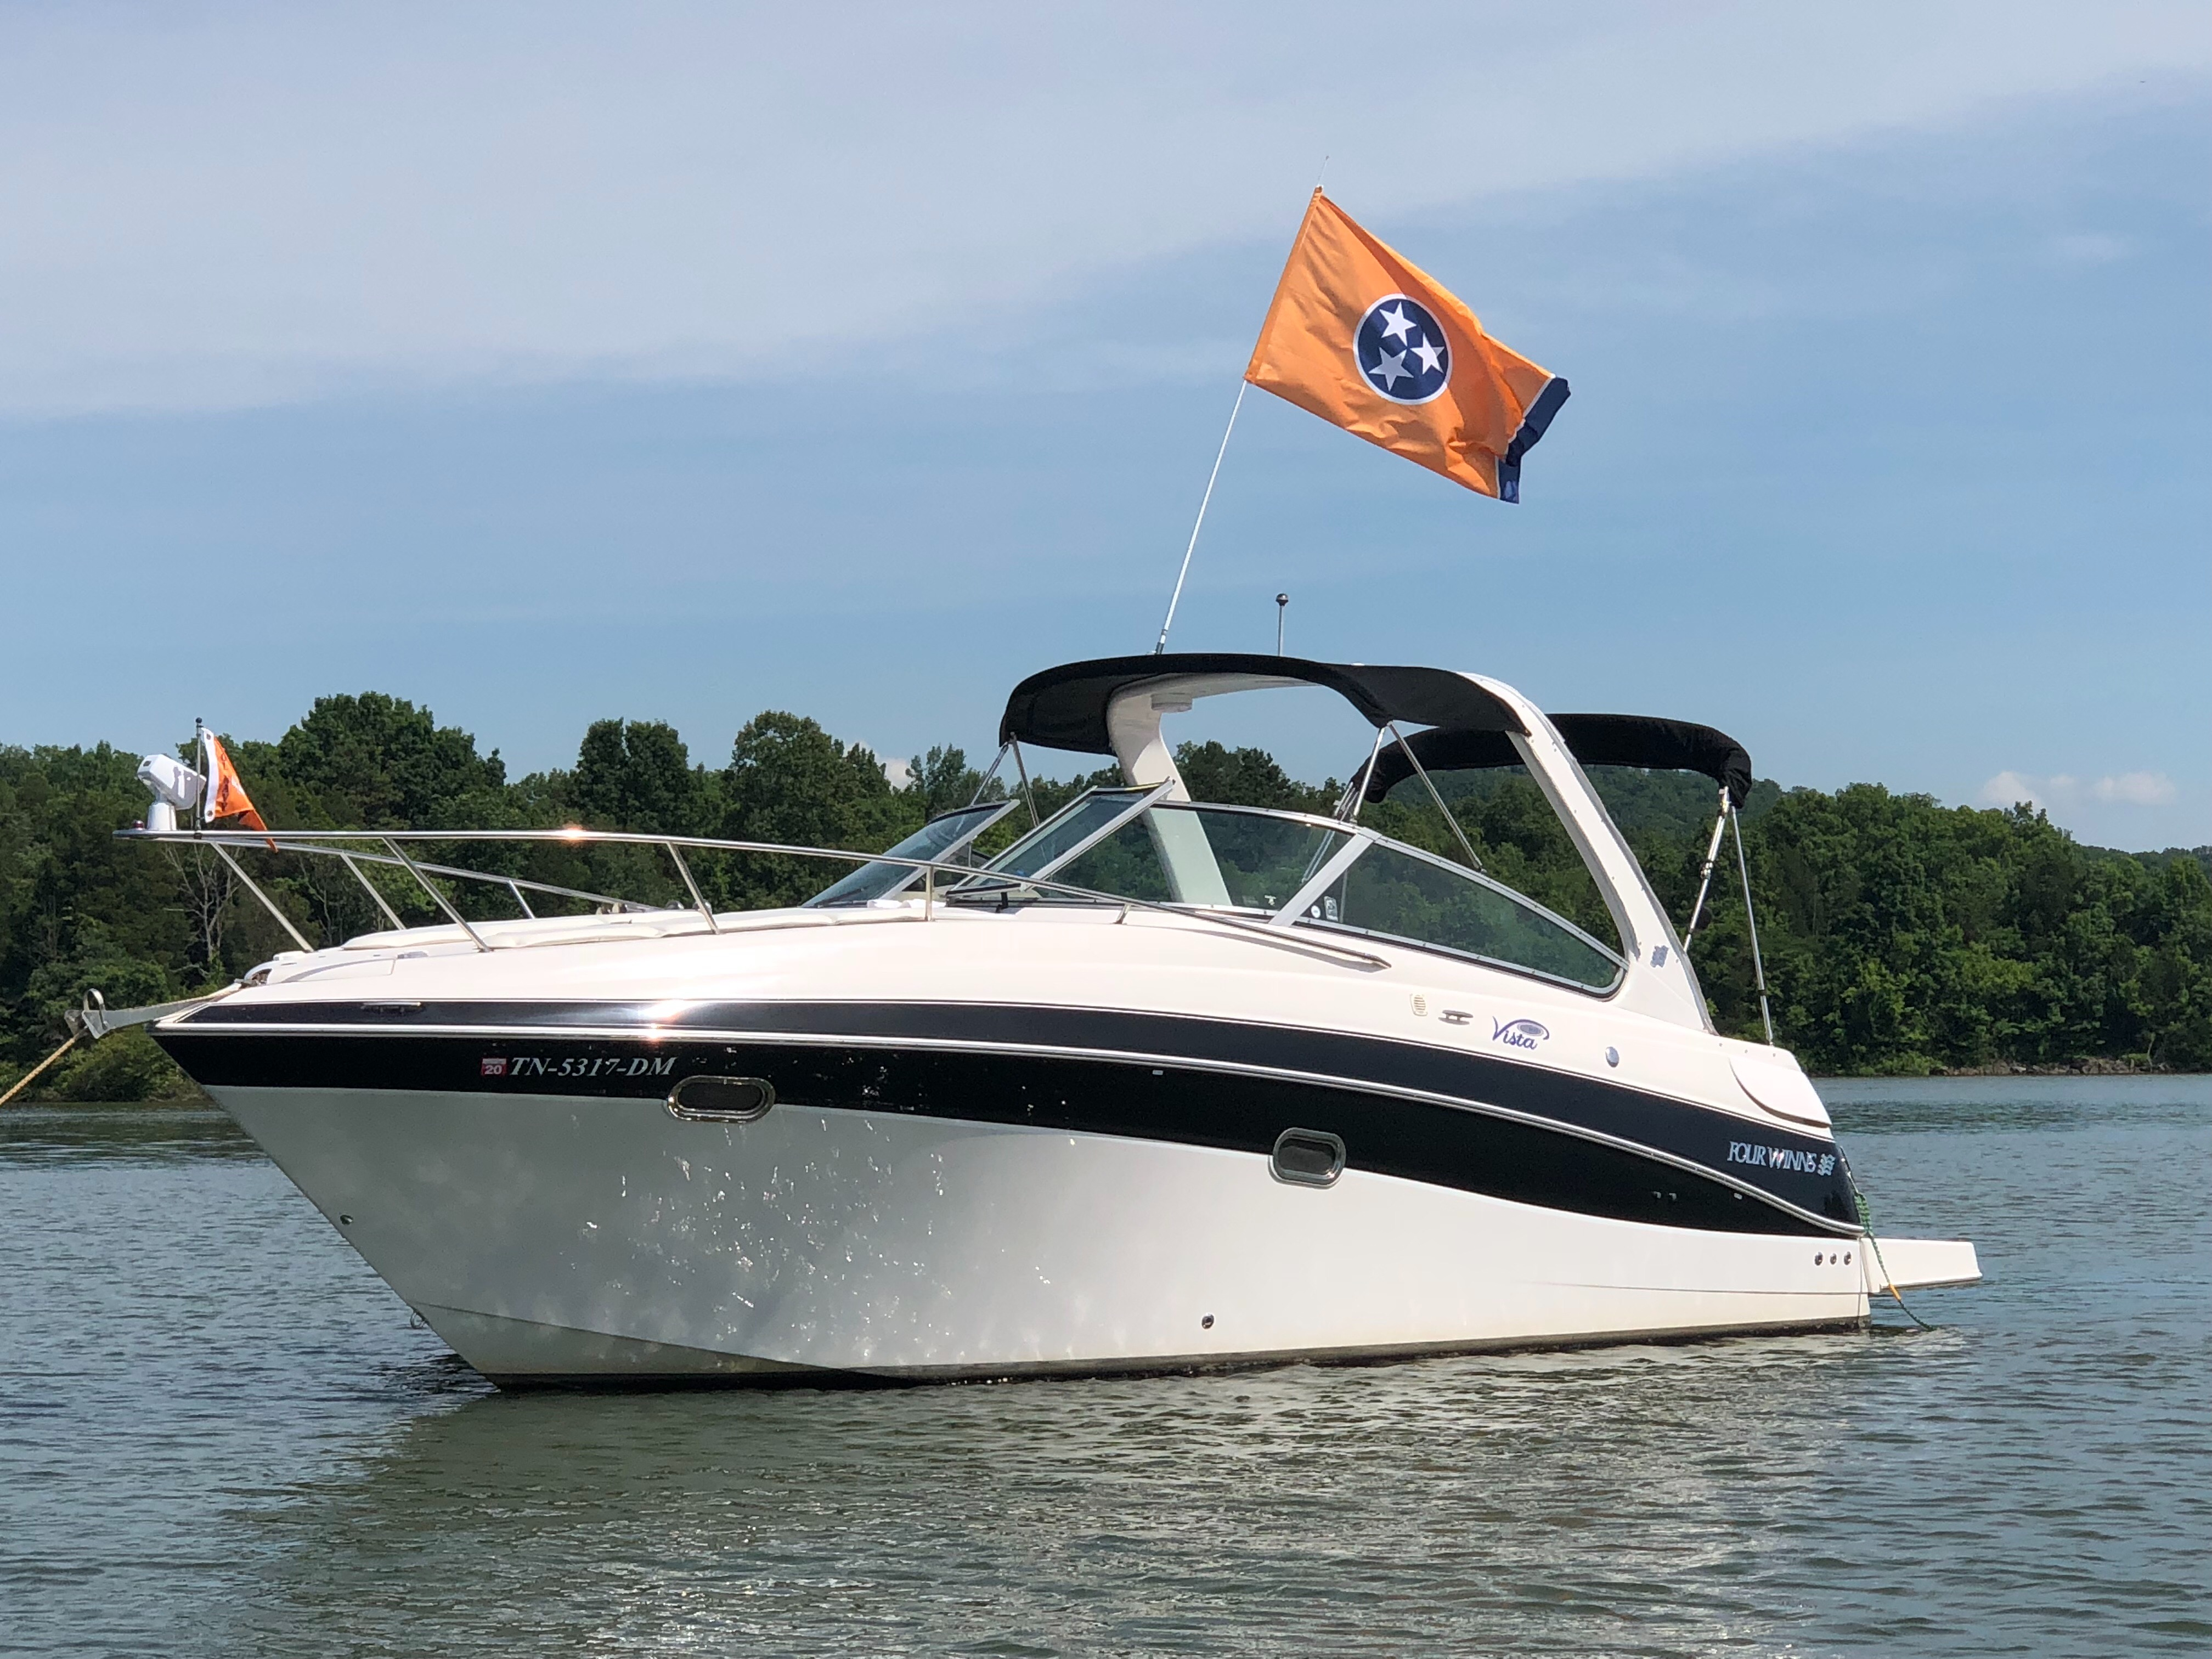 Used 2005 Four Winns 288 Vista Knoxville Tn 37922 Boattrader Com